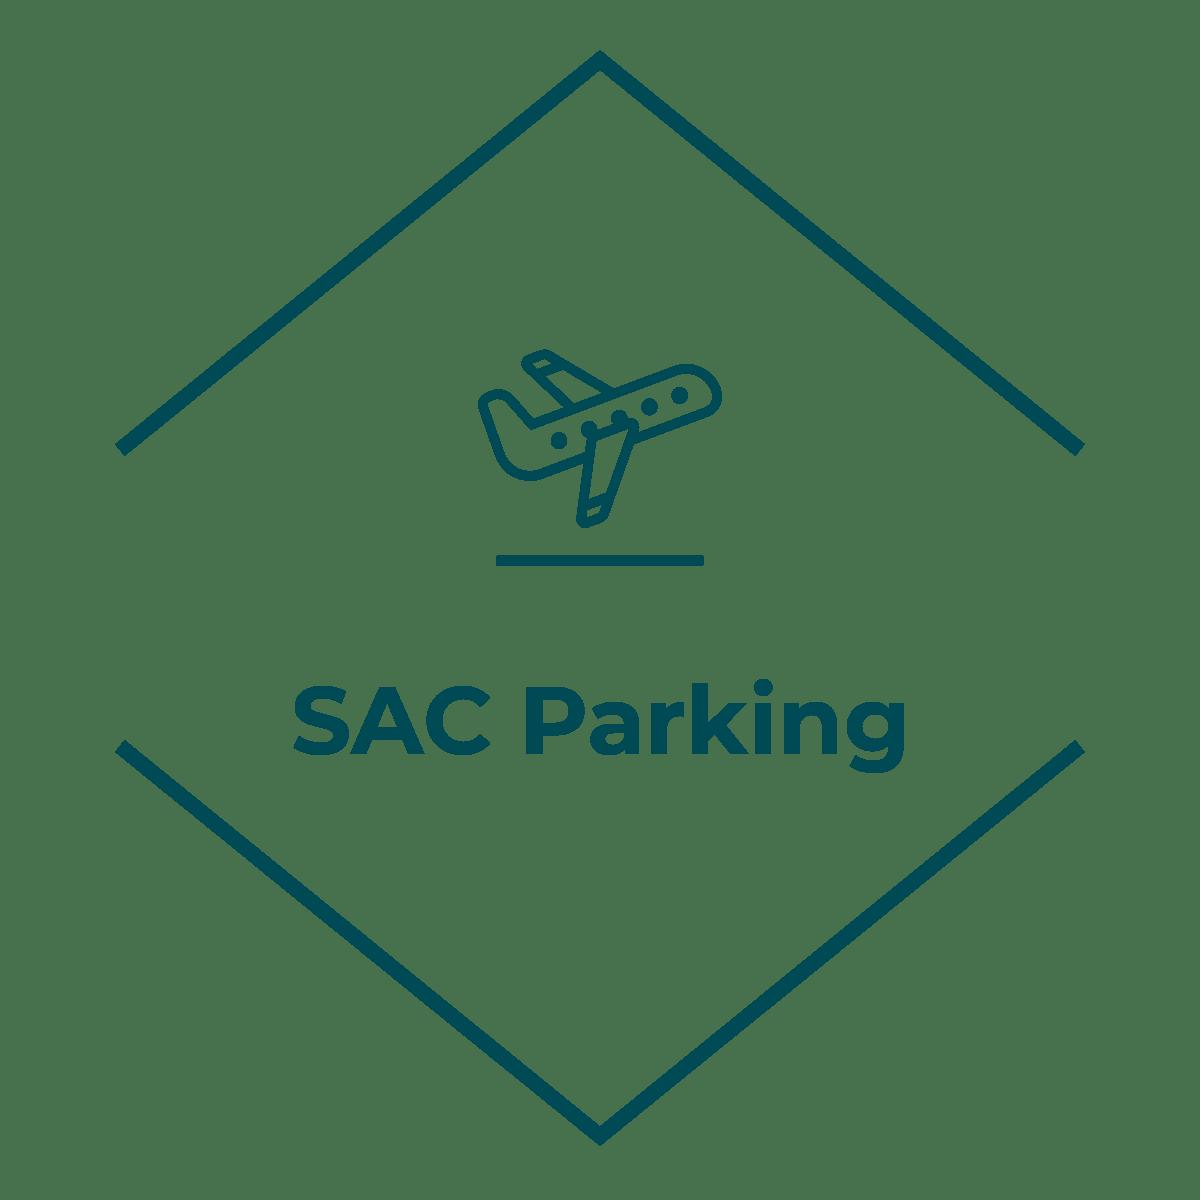 SAC Parking